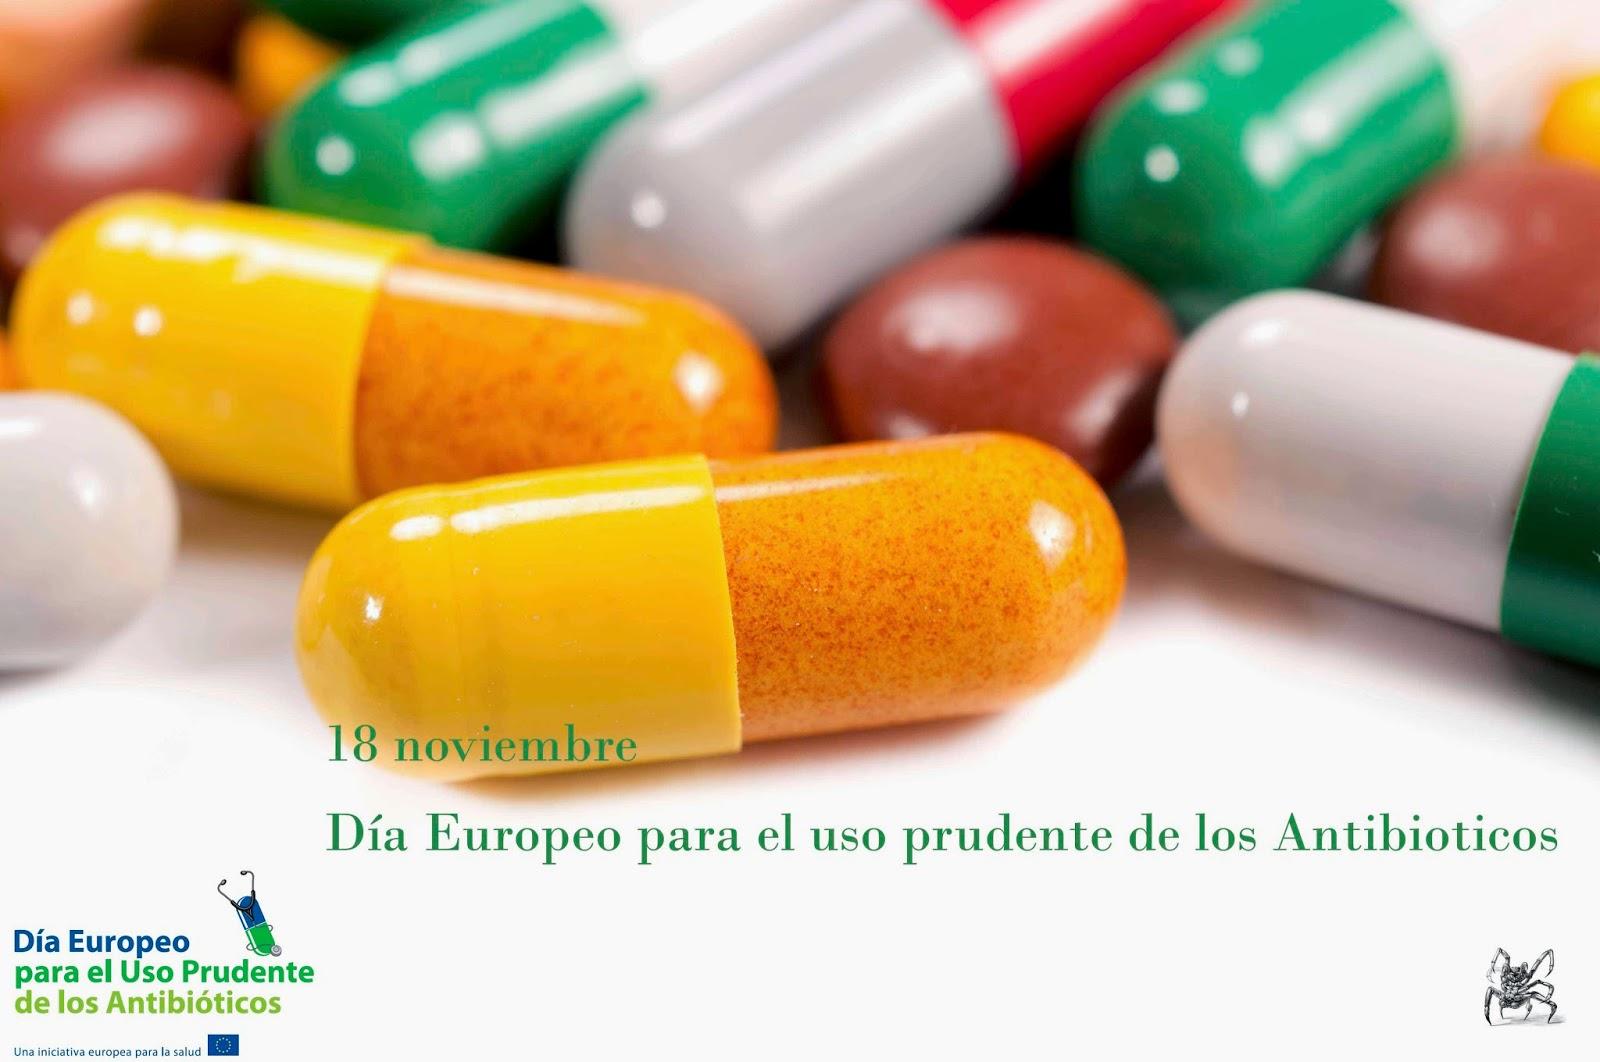 el 18 de noviembre es el día europeo para el uso prudente de los antibioticos